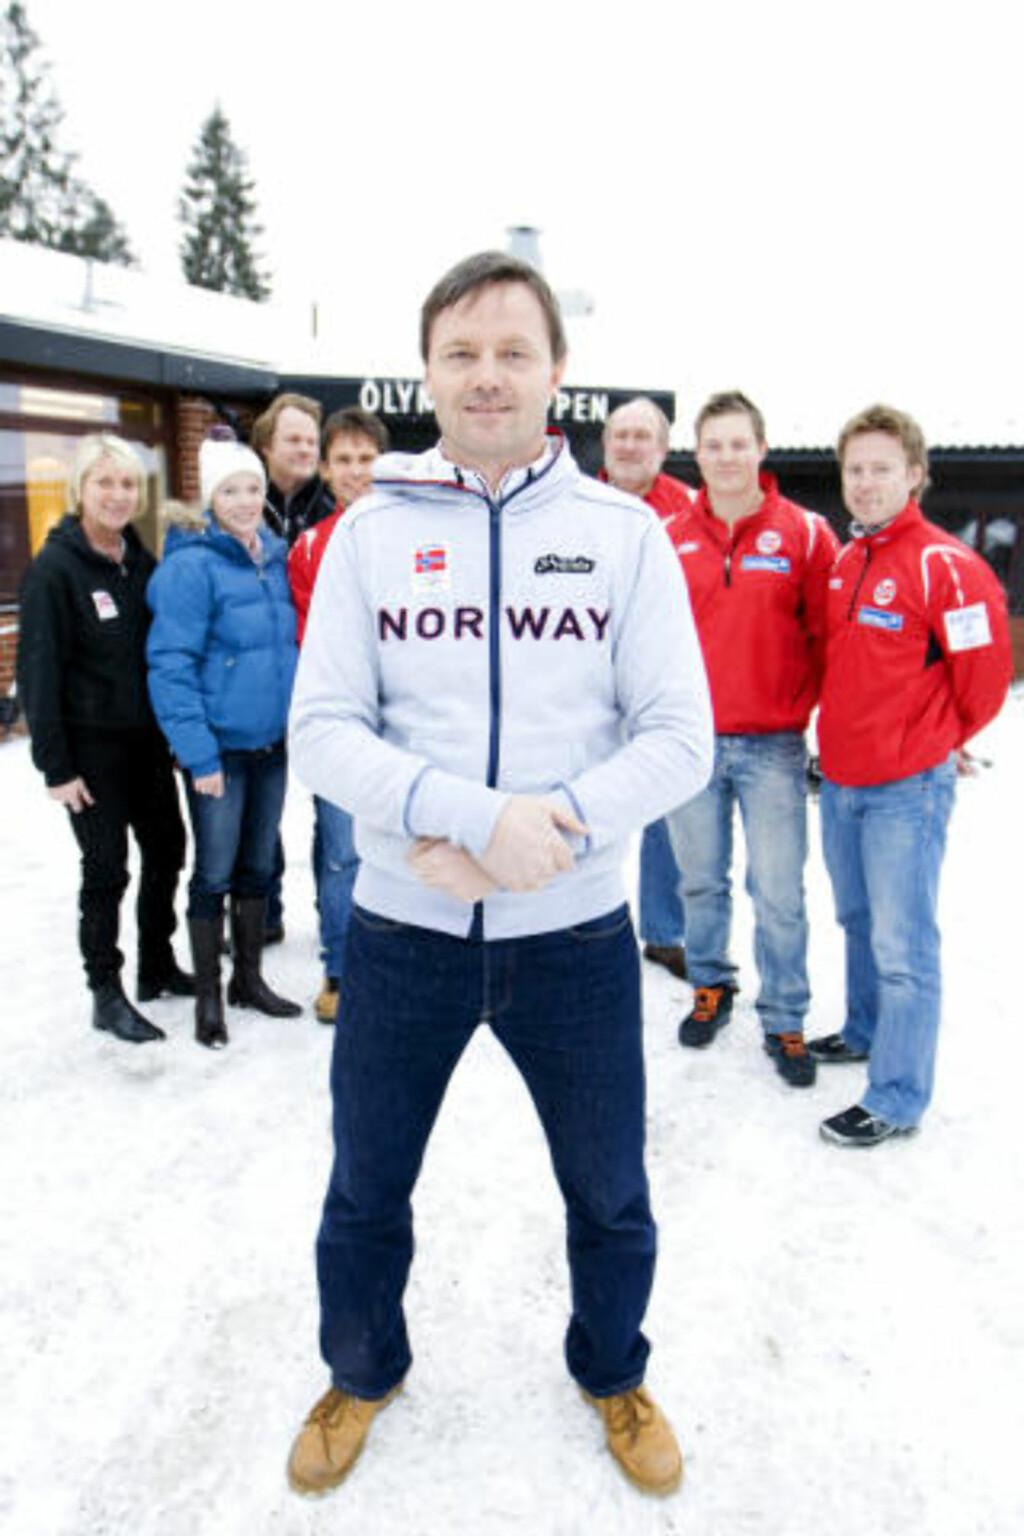 VAR ALPINTRENER: Toppidrettssjef Jarle Aambø gjorde det umulige mulig i alpint. Foto: Håkon Mosvold Larsen / Scanpix